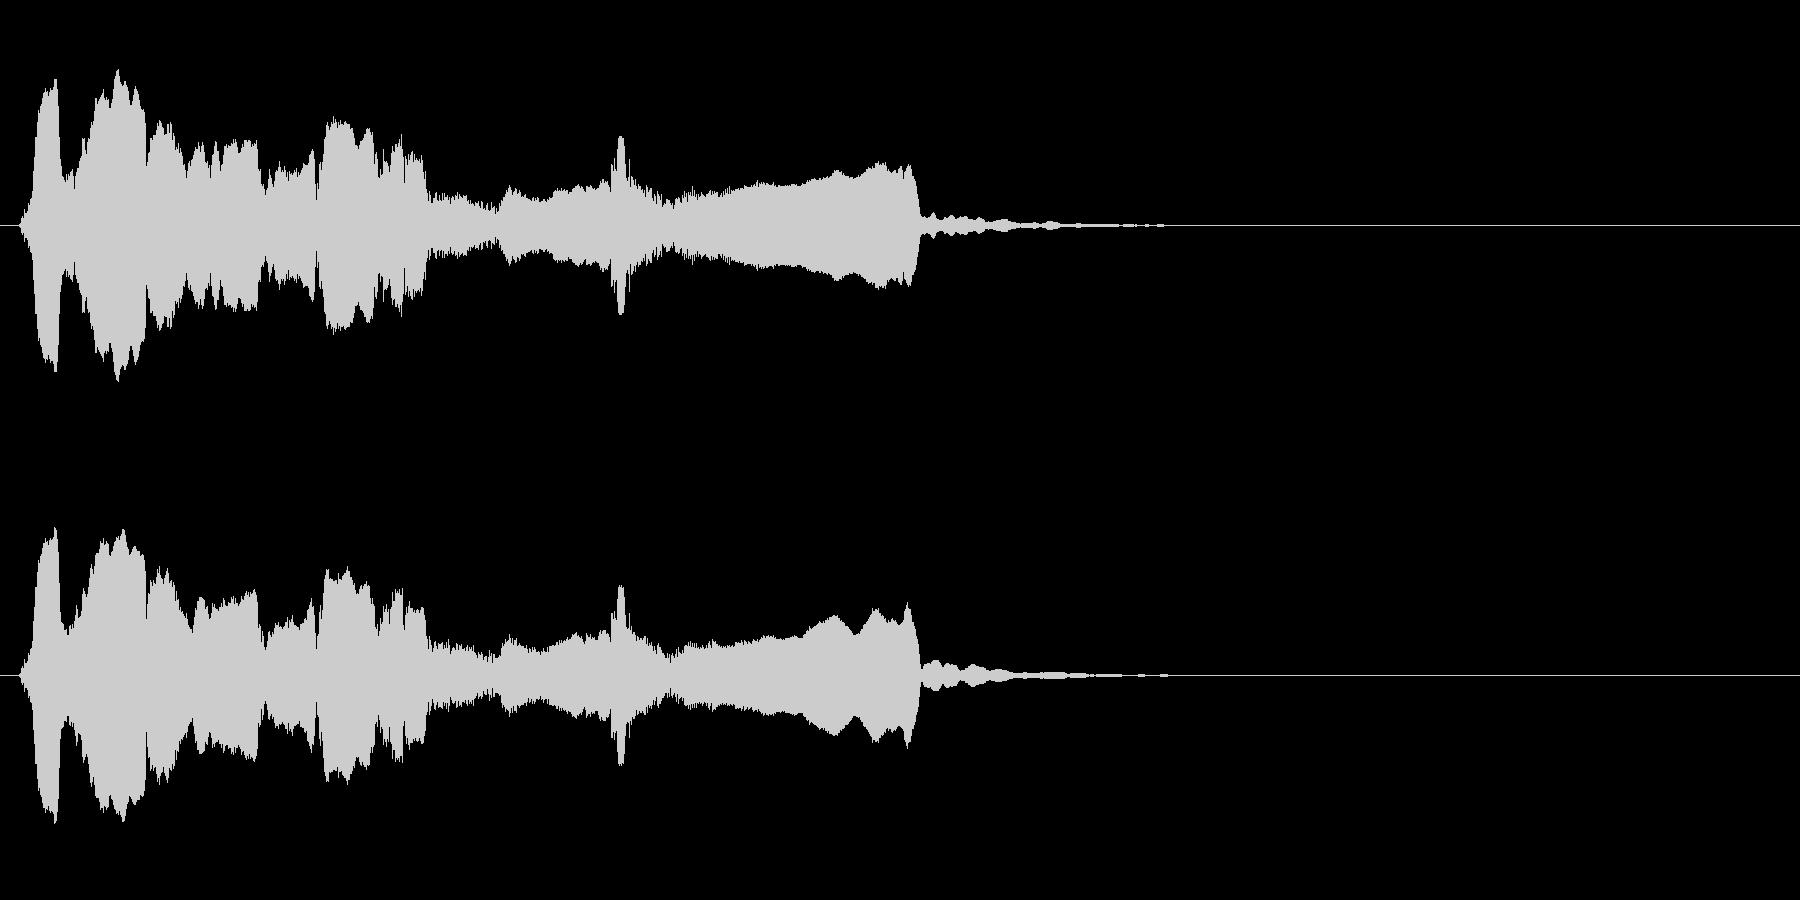 シンプルな終幕◆篠笛生演奏の和風効果音の未再生の波形